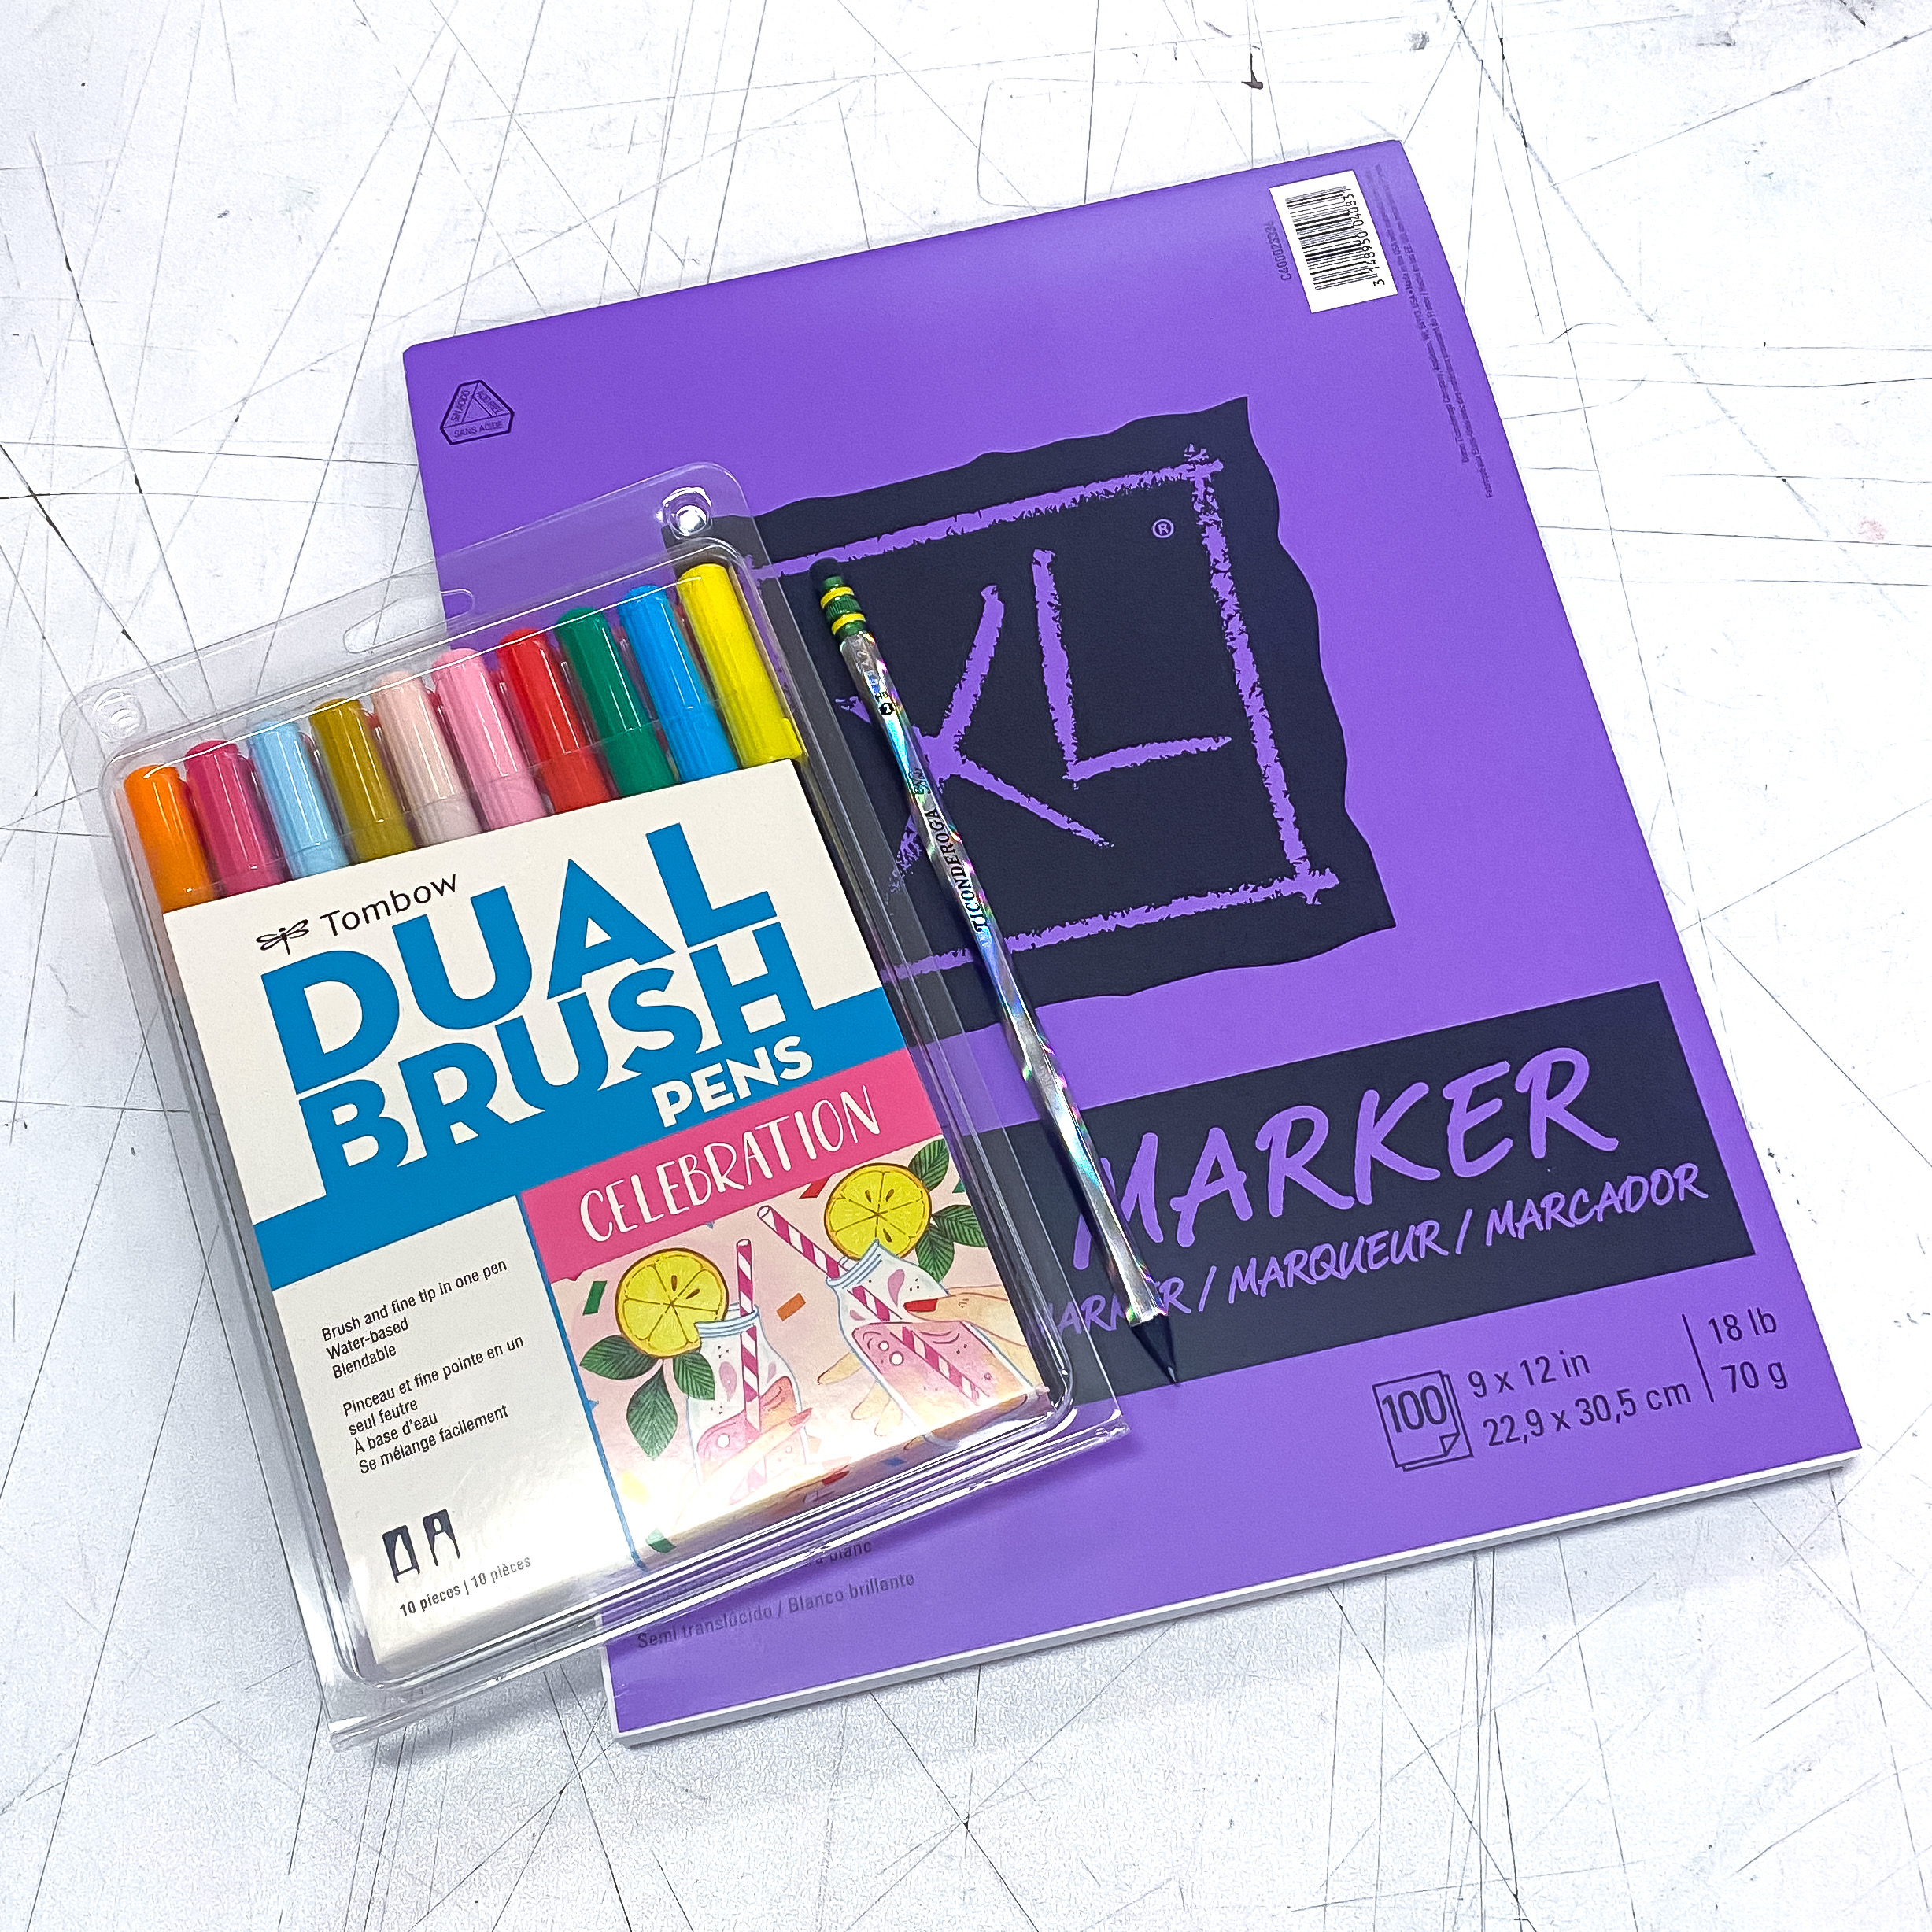 XL Dual Brush Pen Celebration Kit!